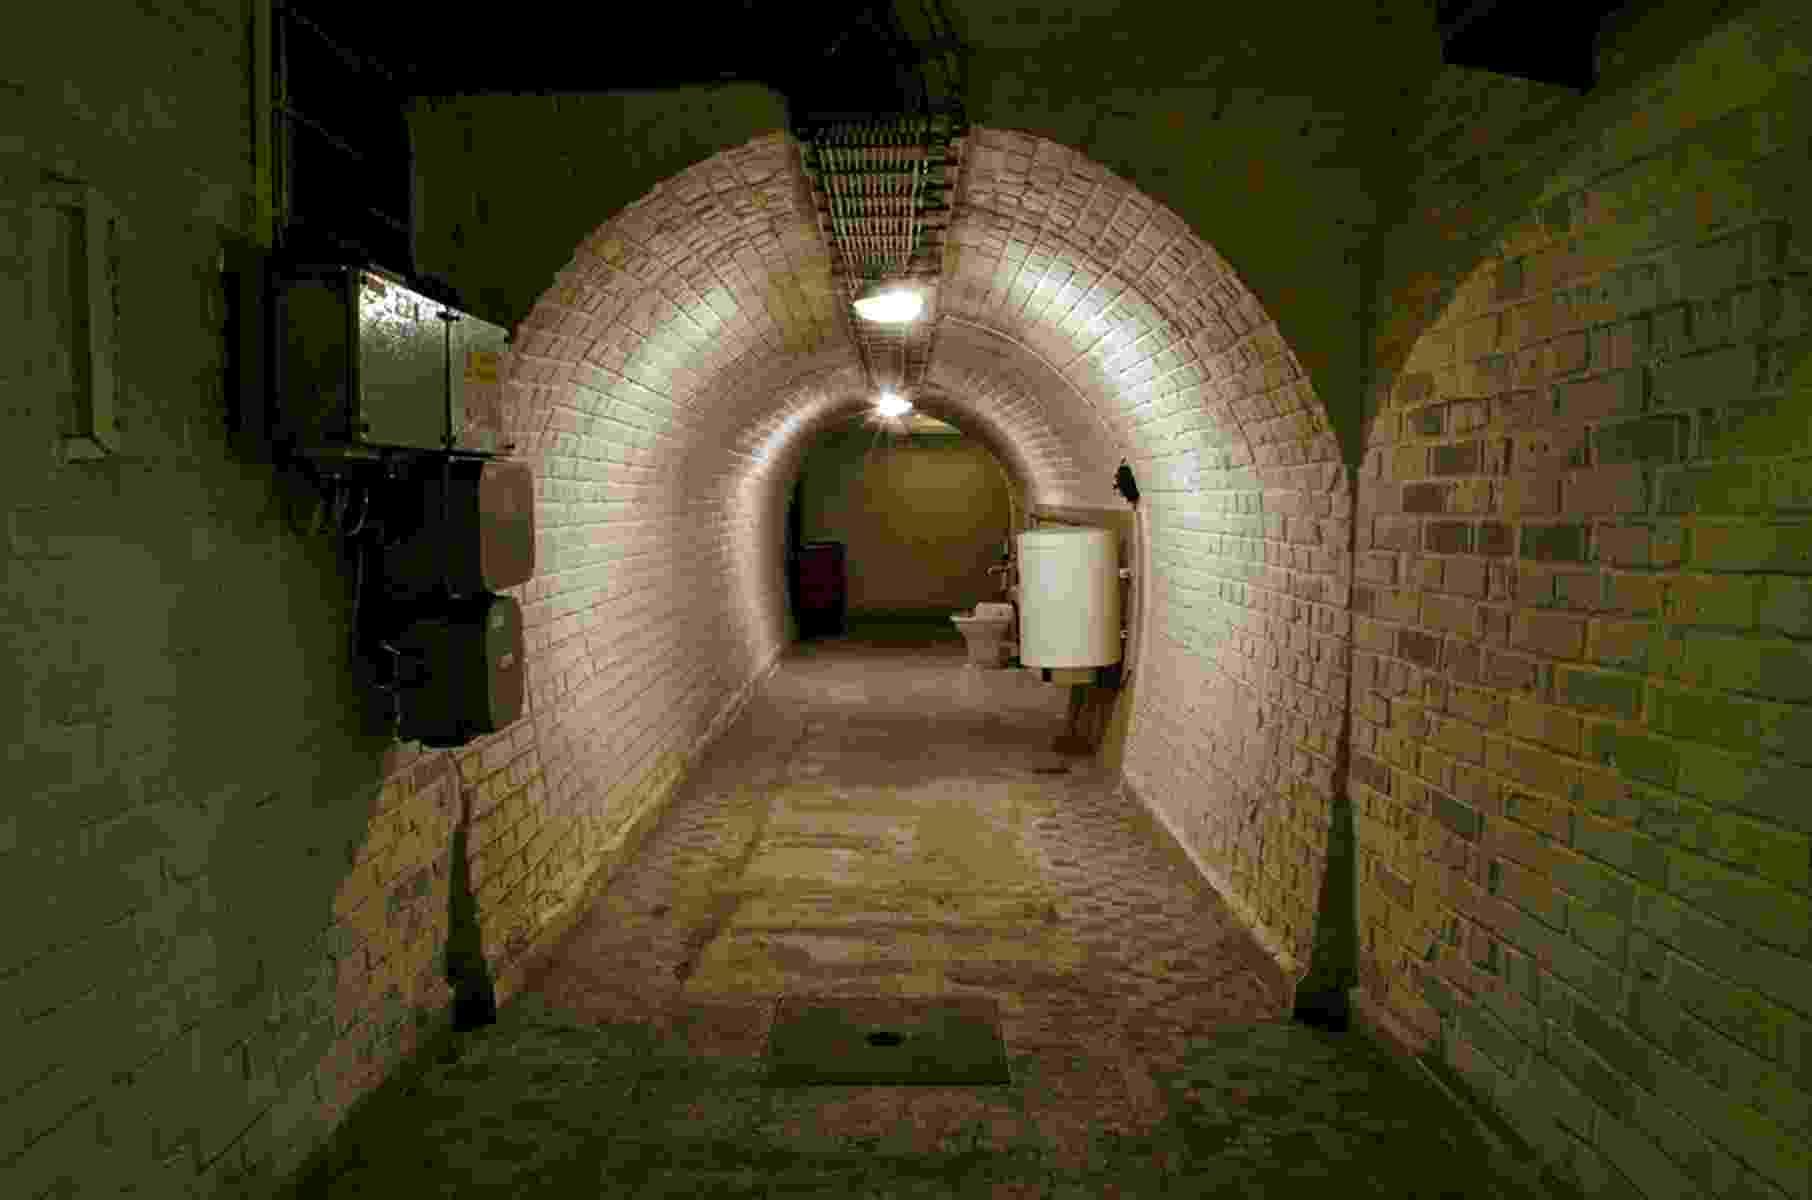 Construído para proteger civis de um eventual ataque nuclear durante a Guerra Fria, o bunker dispõe de sistema de filtração de ar que limpa partículas radioativas - Divulgação